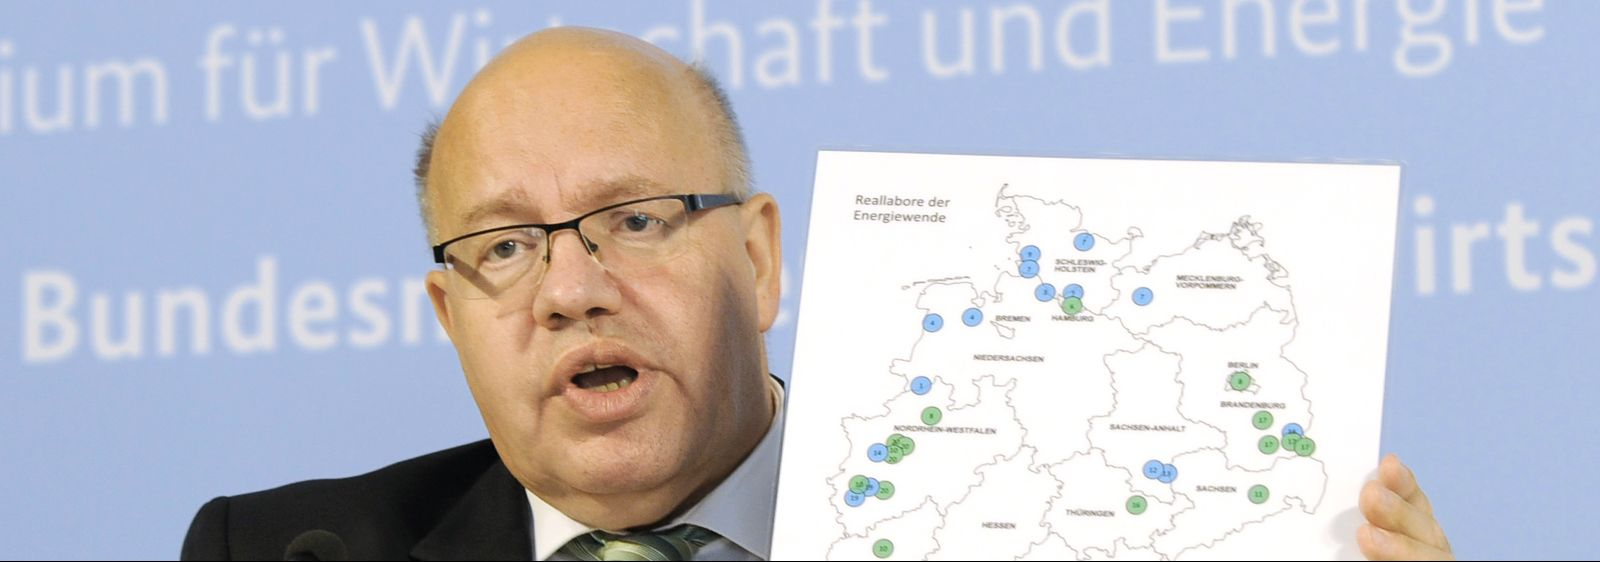 Bundeswirtschaftsminister Peter Altmaier präsentiert in der heutigen Pressekonferenz die Gewinner des Ideenwettbewerbs